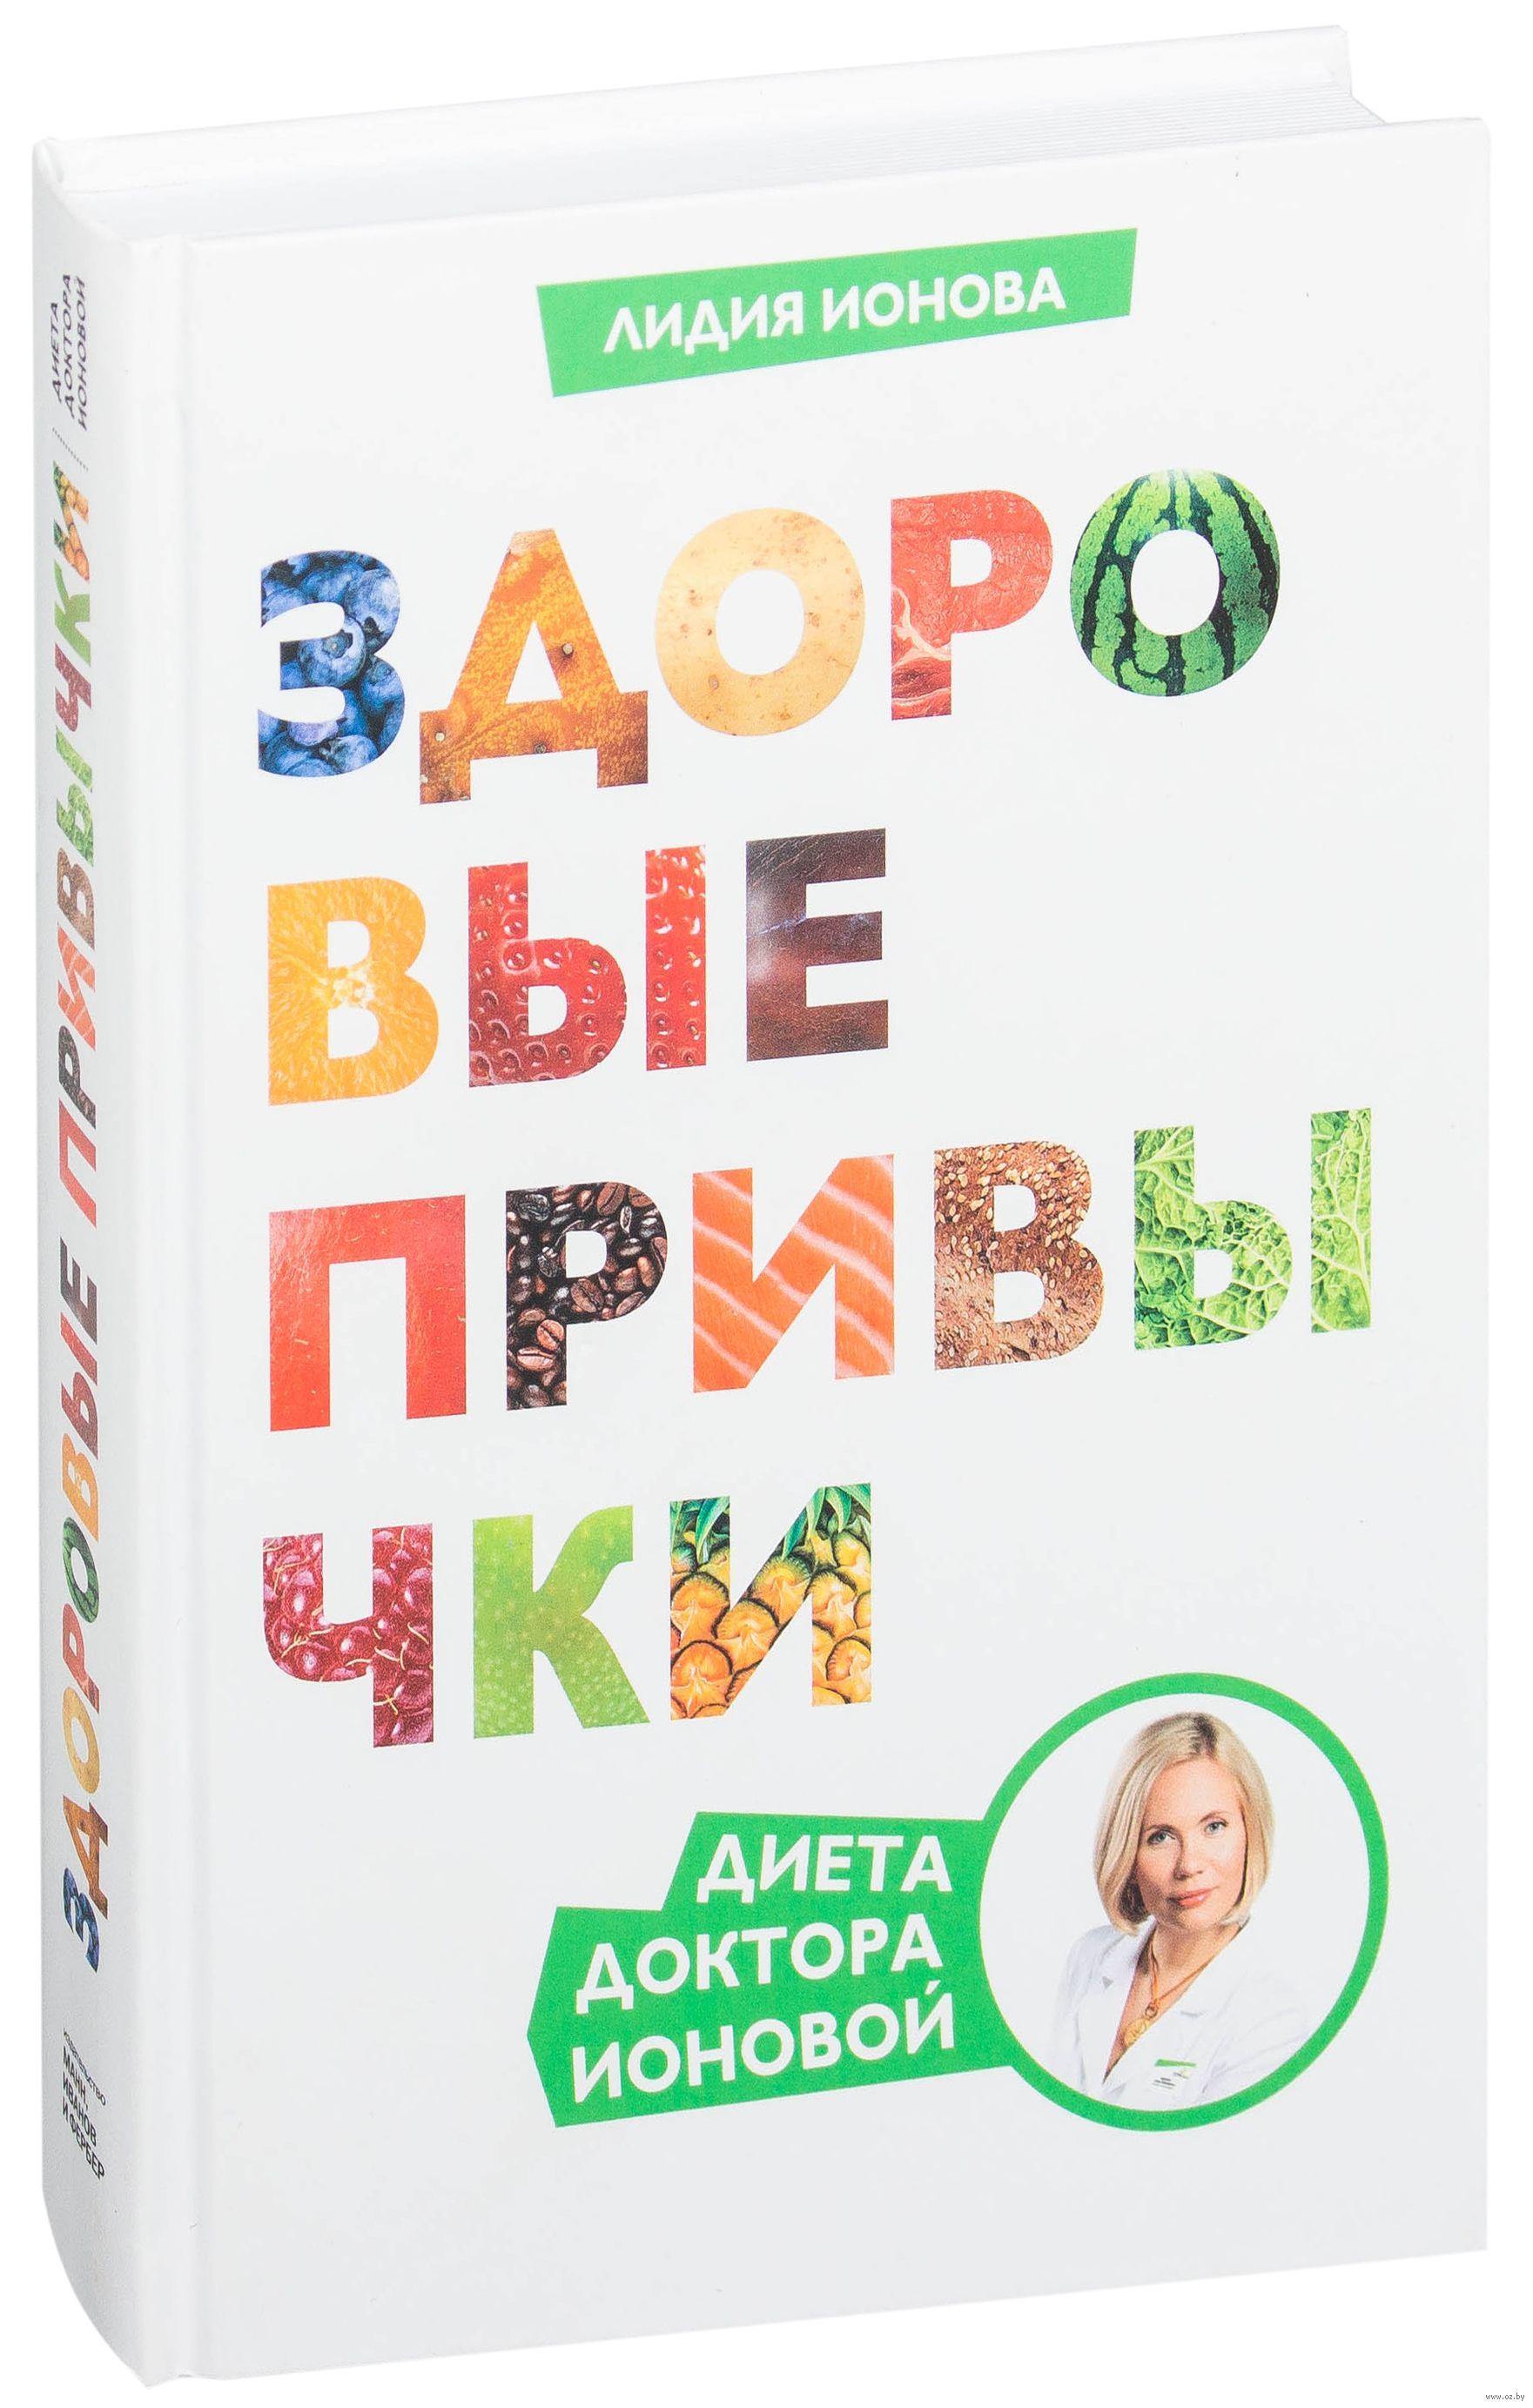 Книга «здоровые привычки. Диета доктора ионовой», автор лидия.